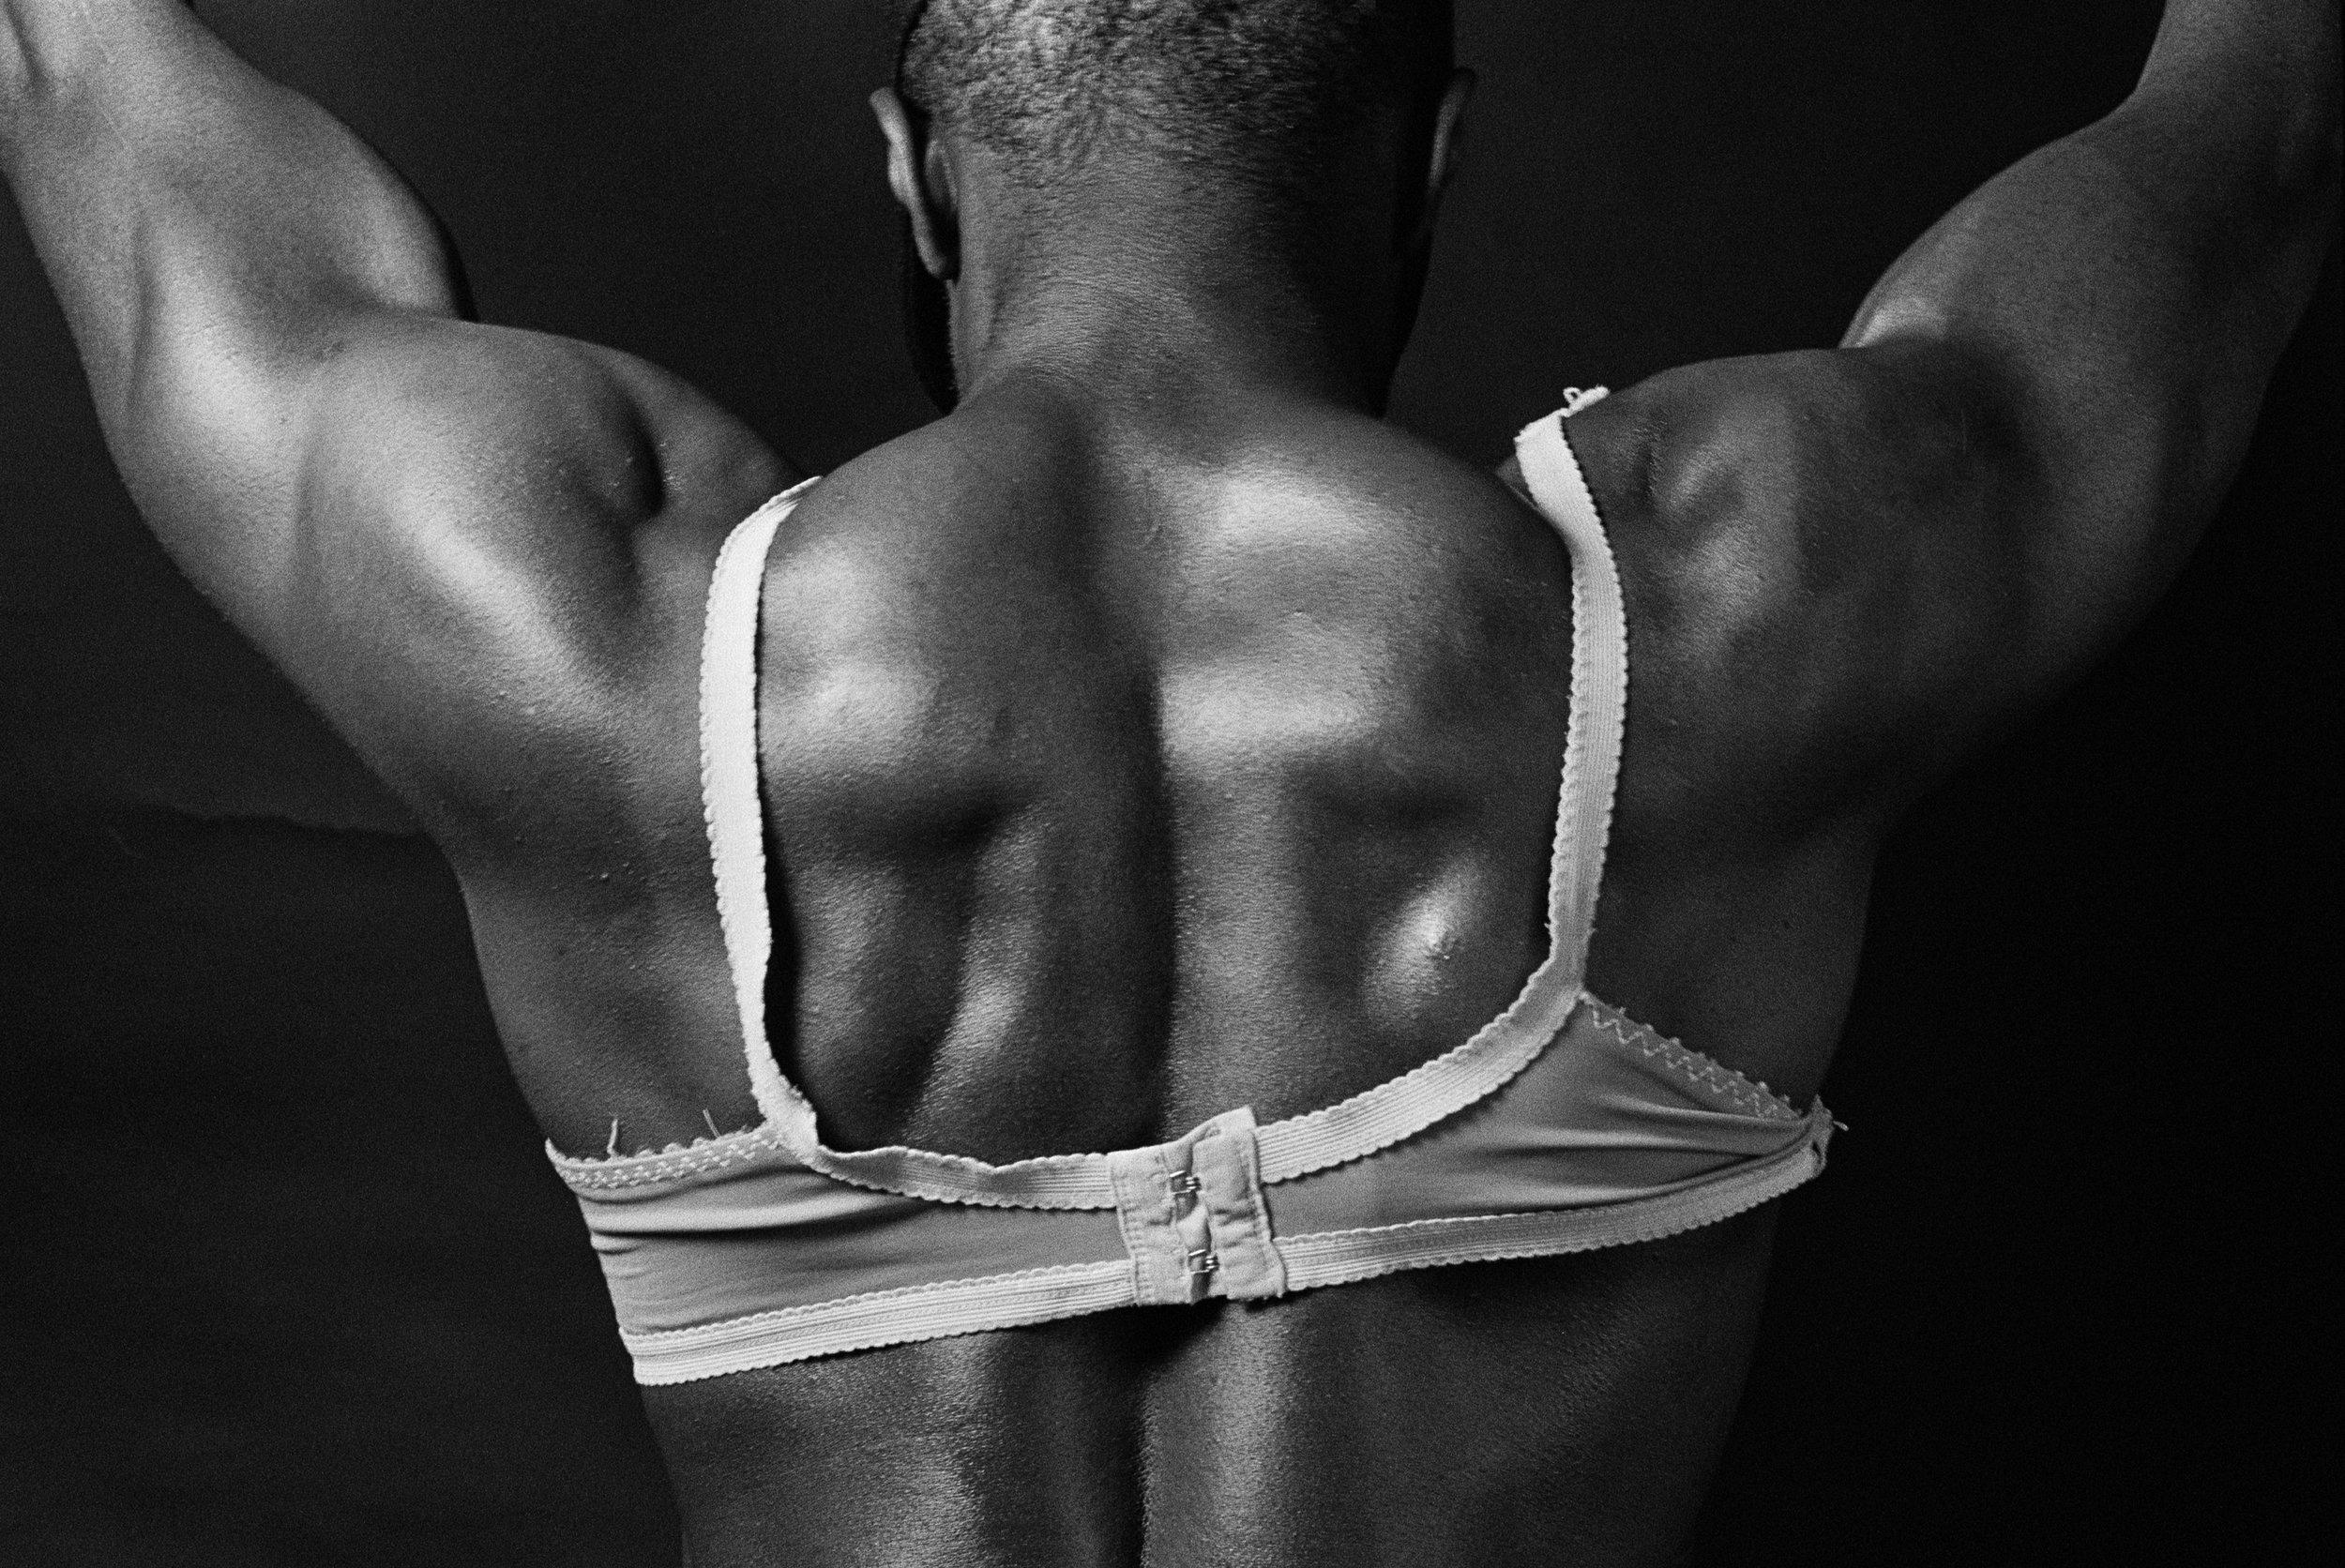 Bodybuilder in Bra _ Ajamu _1990.jpg